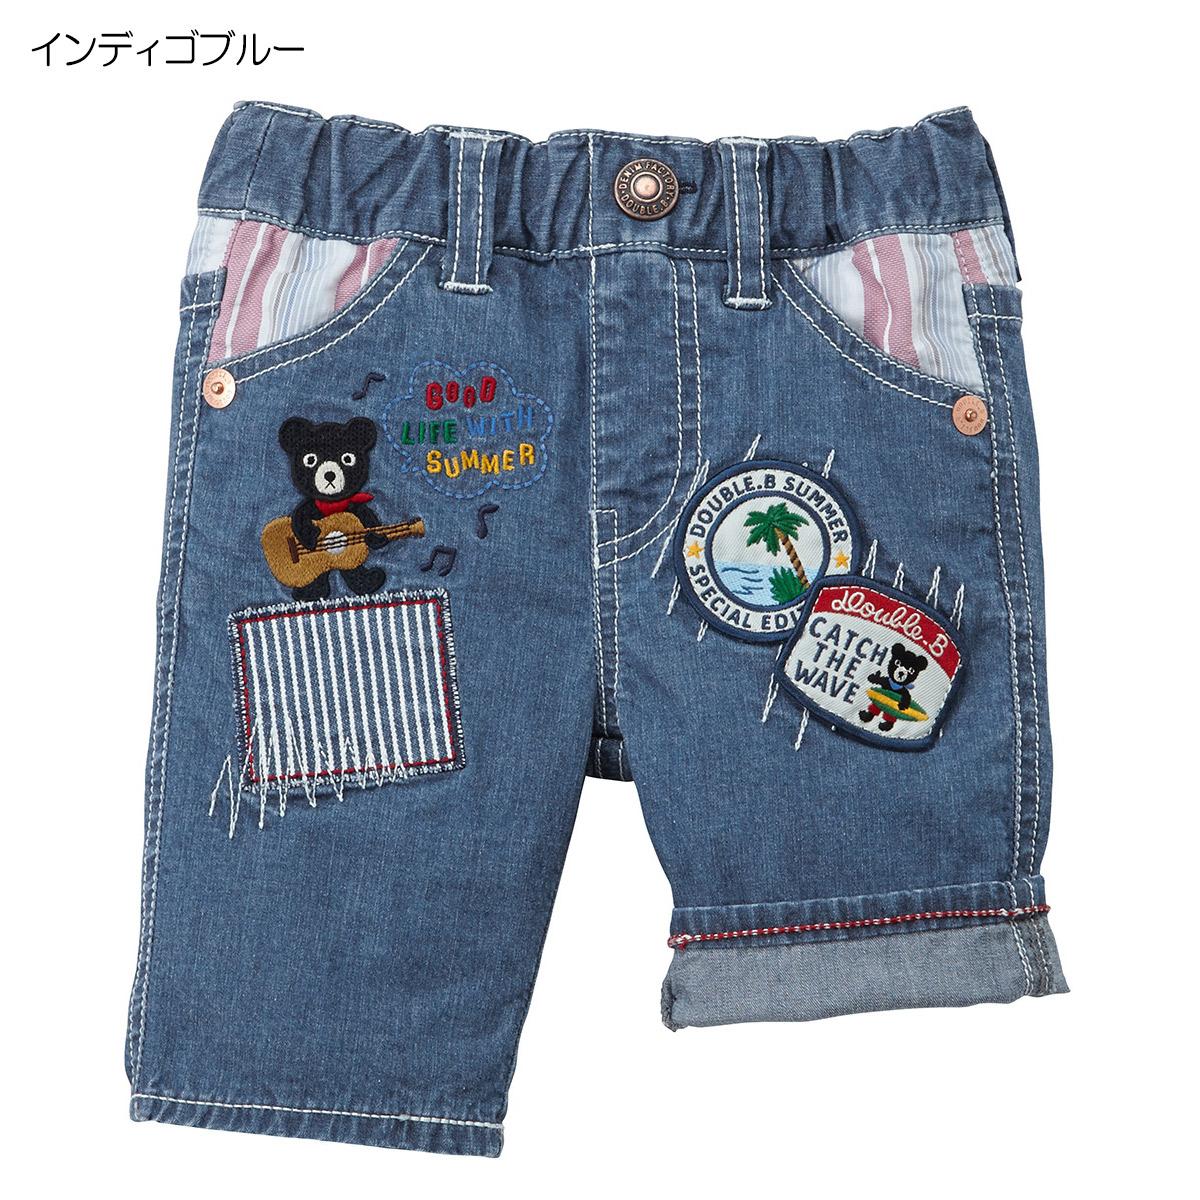 ◇【ミキハウス】パンツ23000【10800円以上で送料無料(国内)】